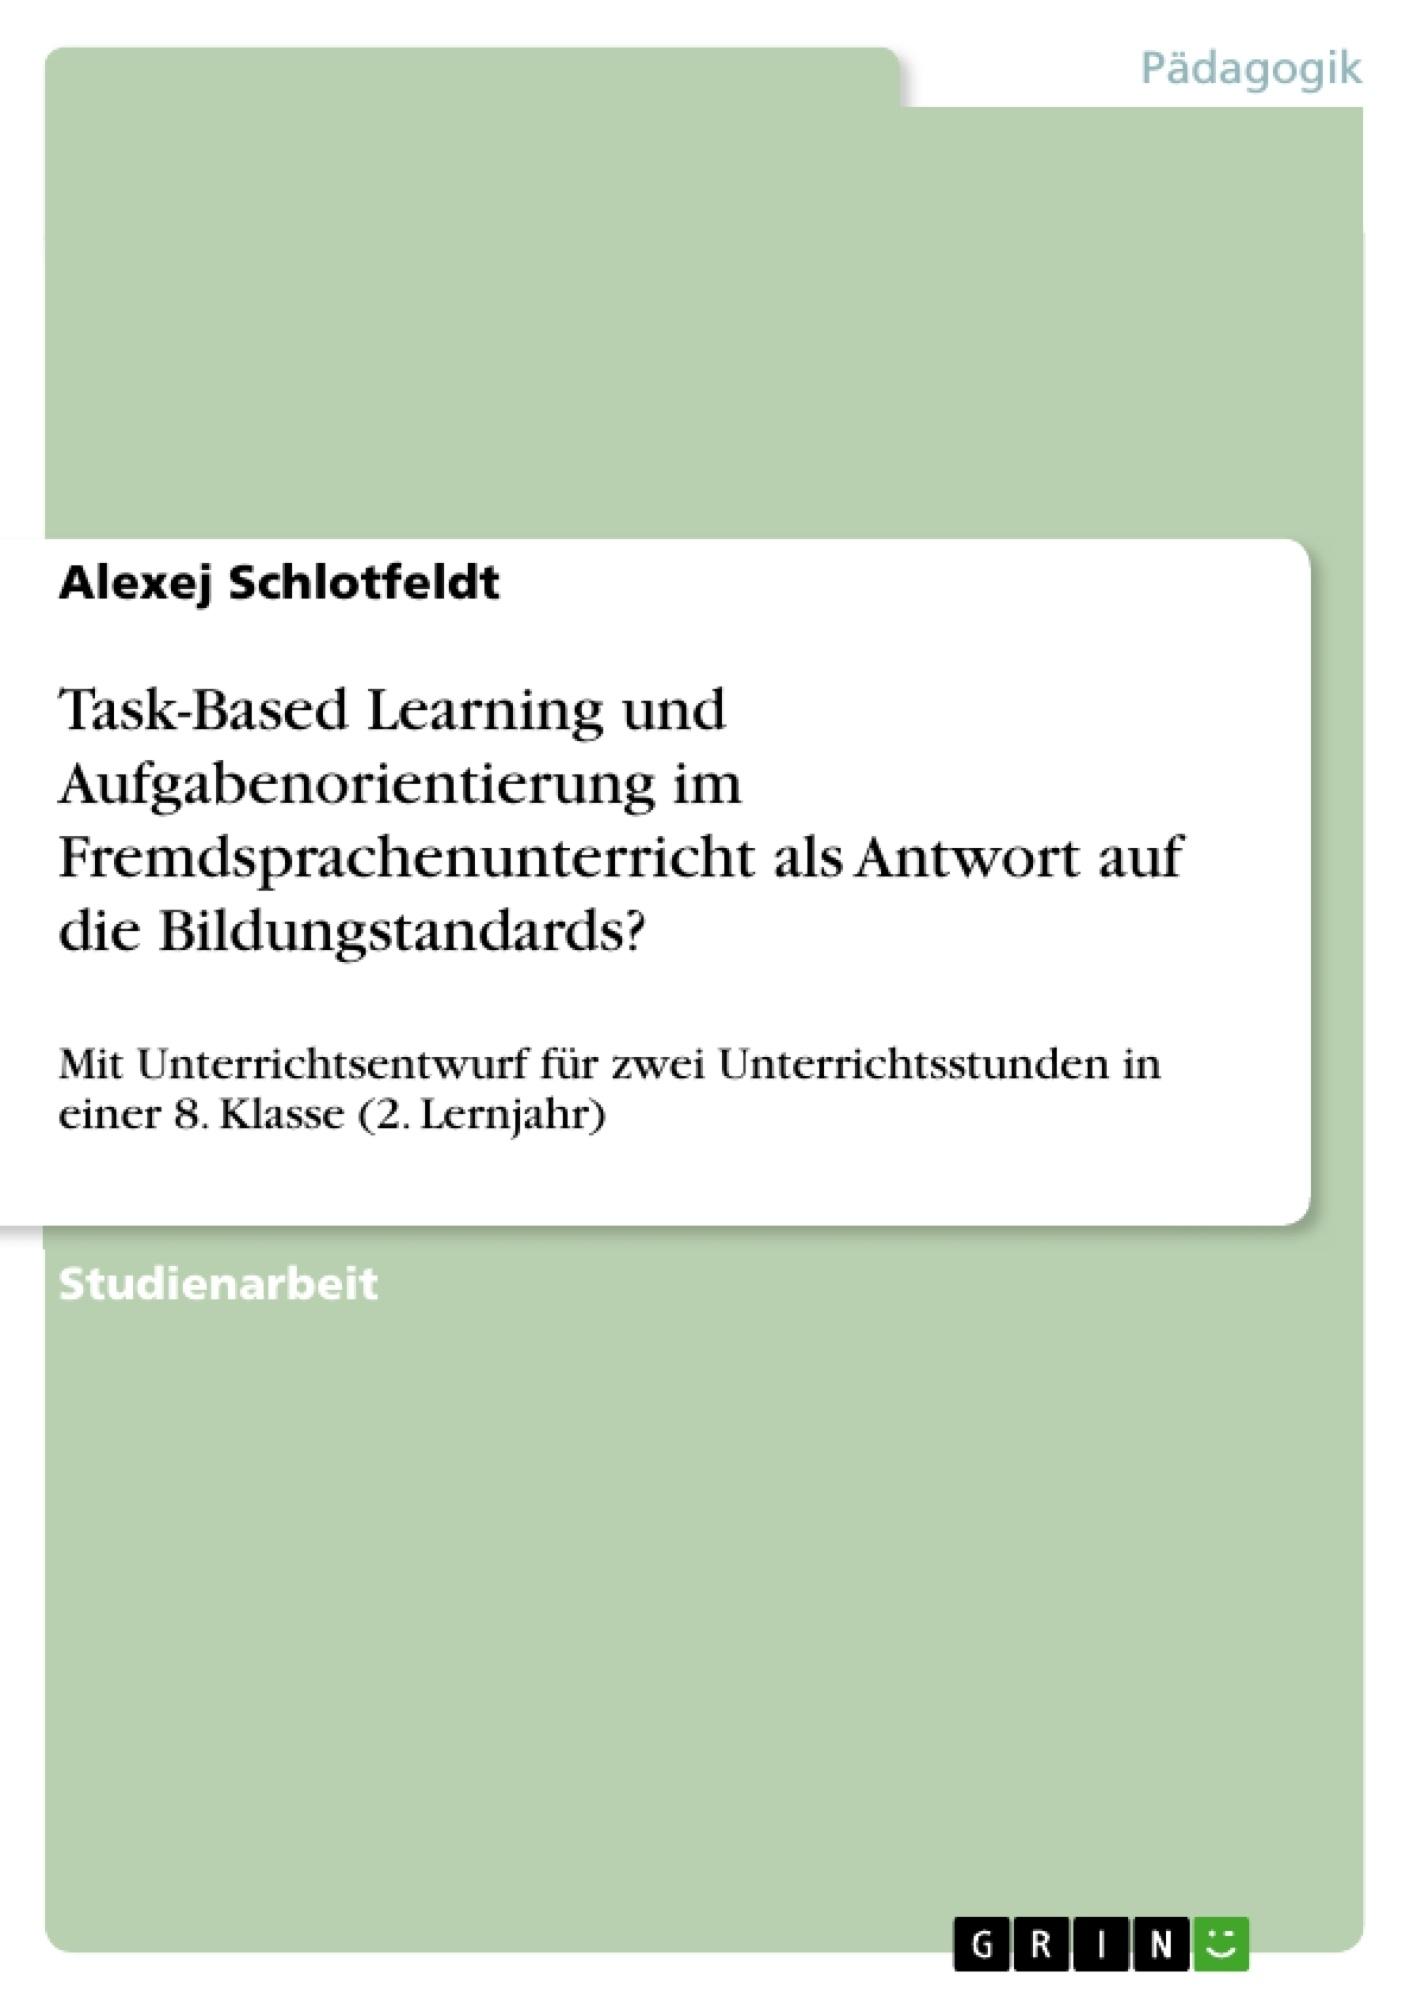 Titel: Task-Based Learning und Aufgabenorientierung im Fremdsprachenunterricht als Antwort auf die Bildungstandards?